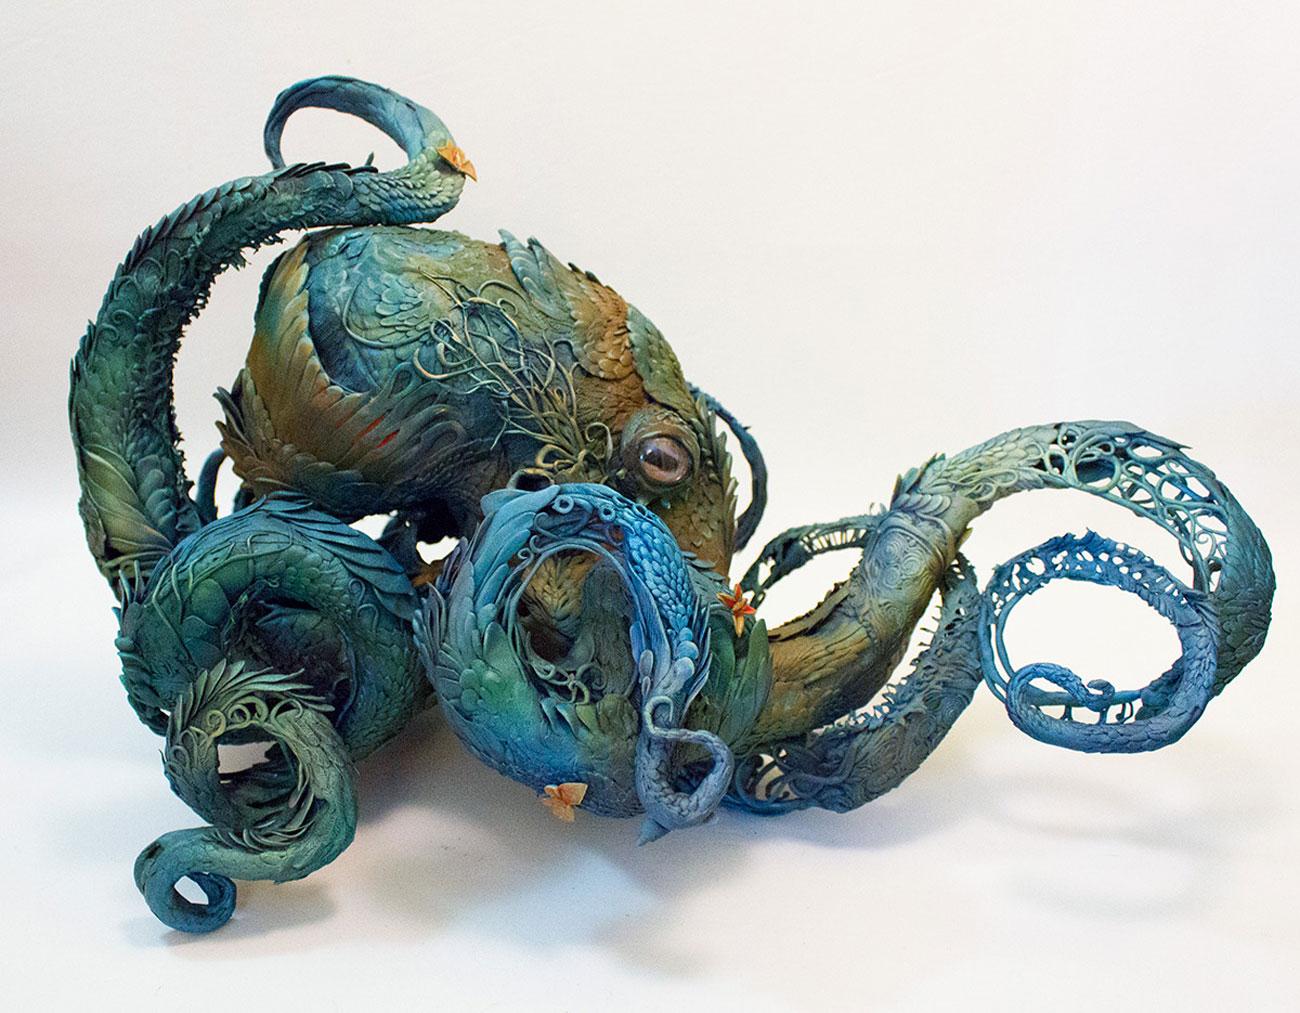 Ellen jewett octopus